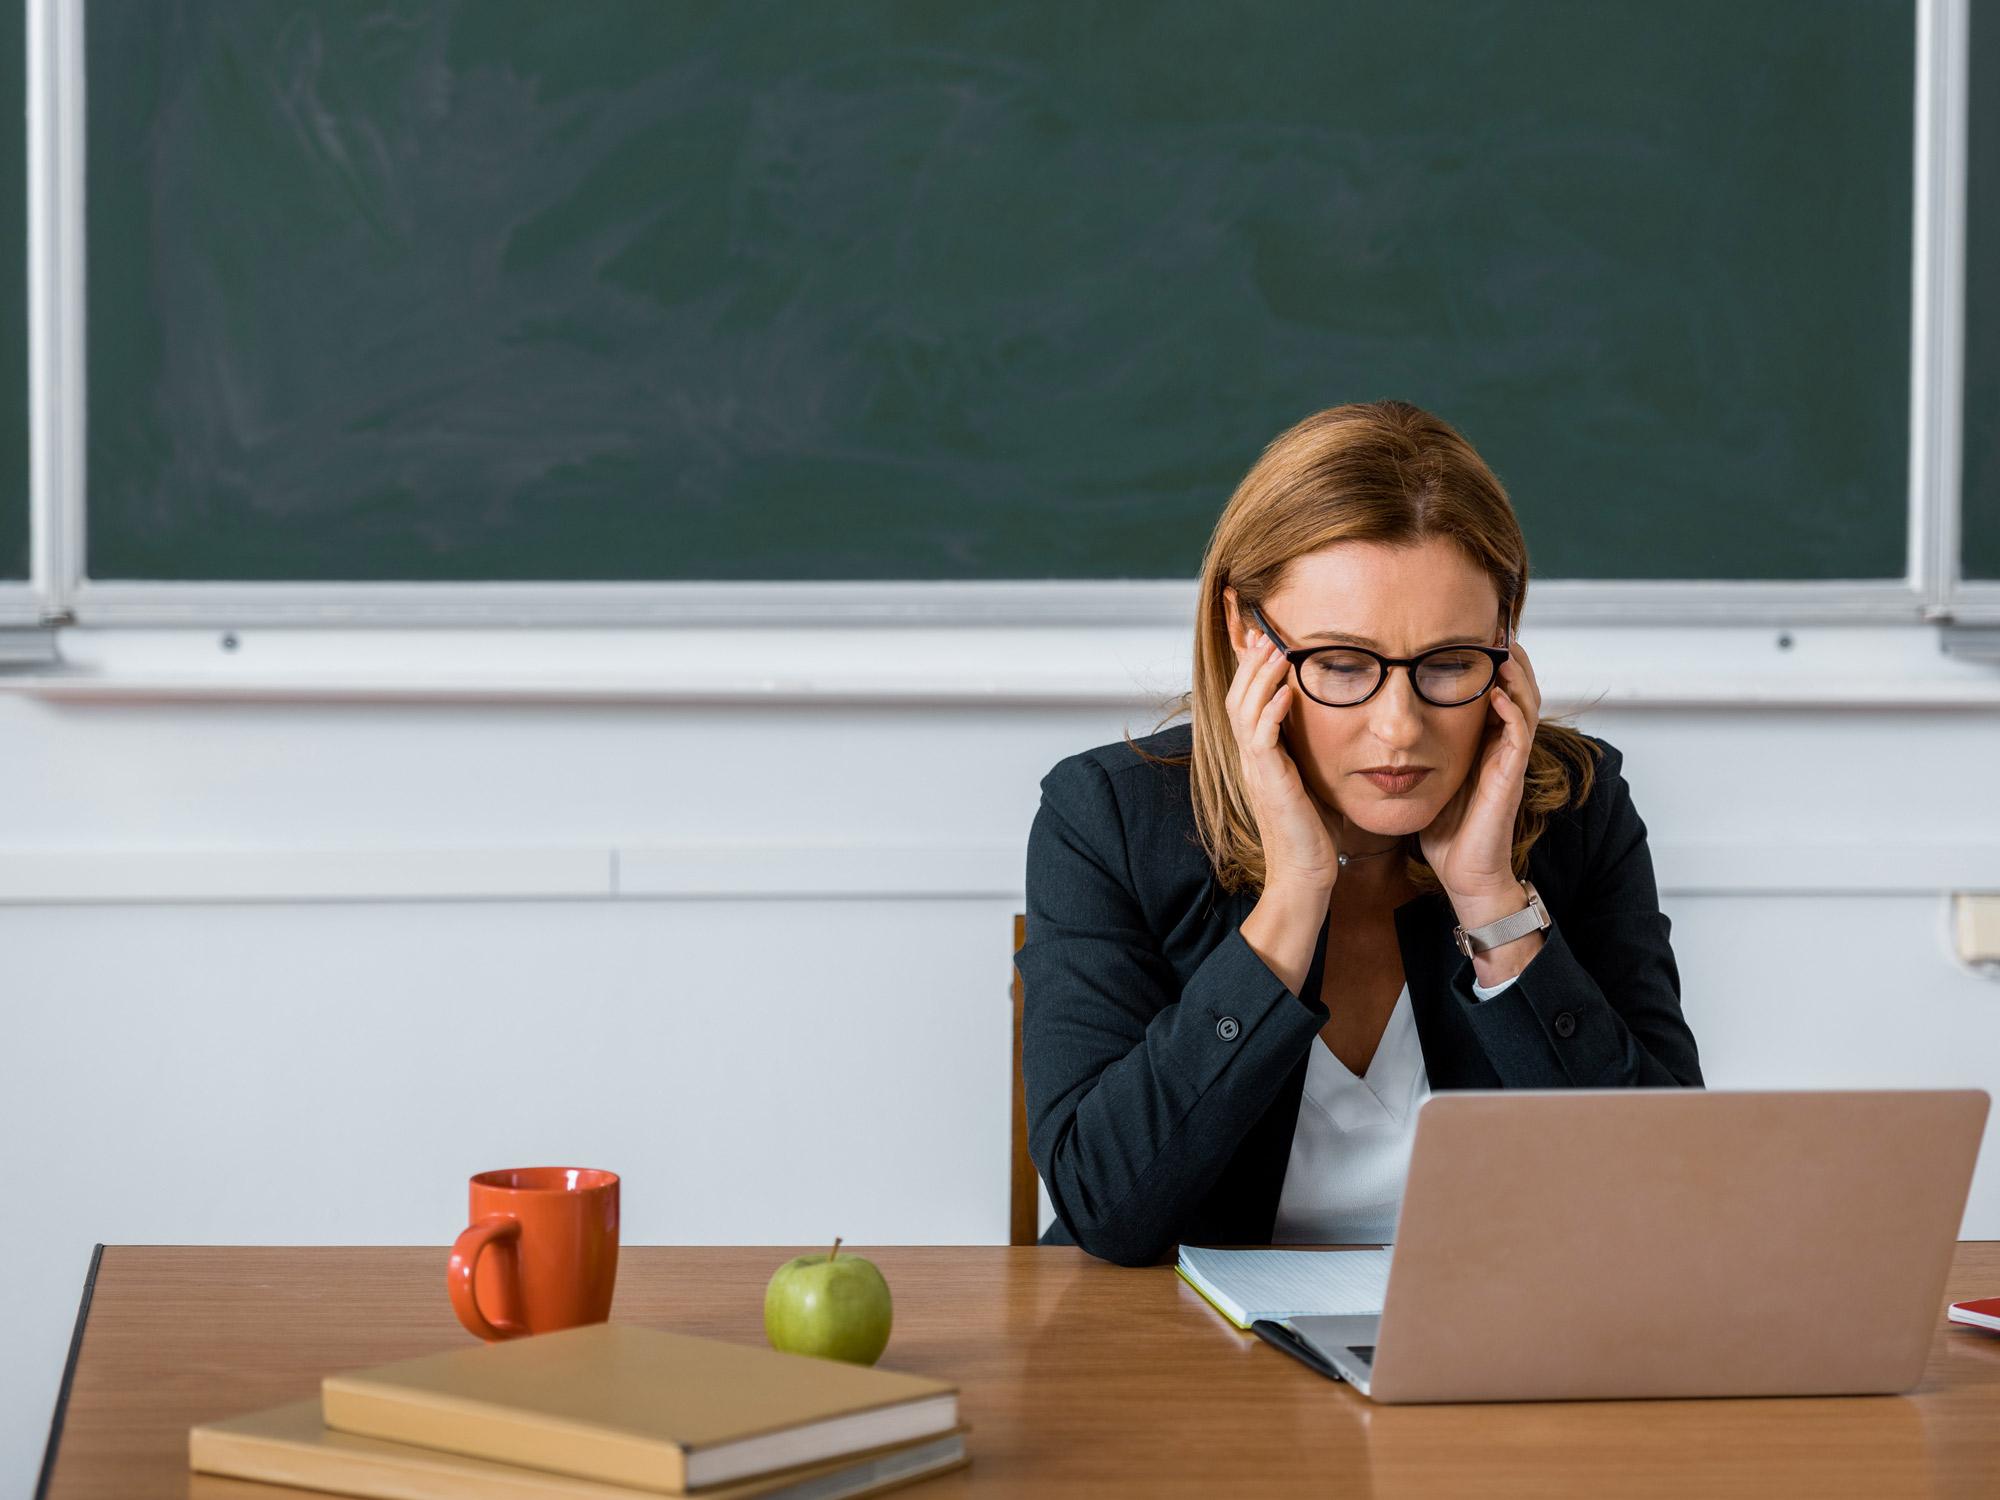 Mehr Stress bei Beschäftigten im öffentlichen Dienst